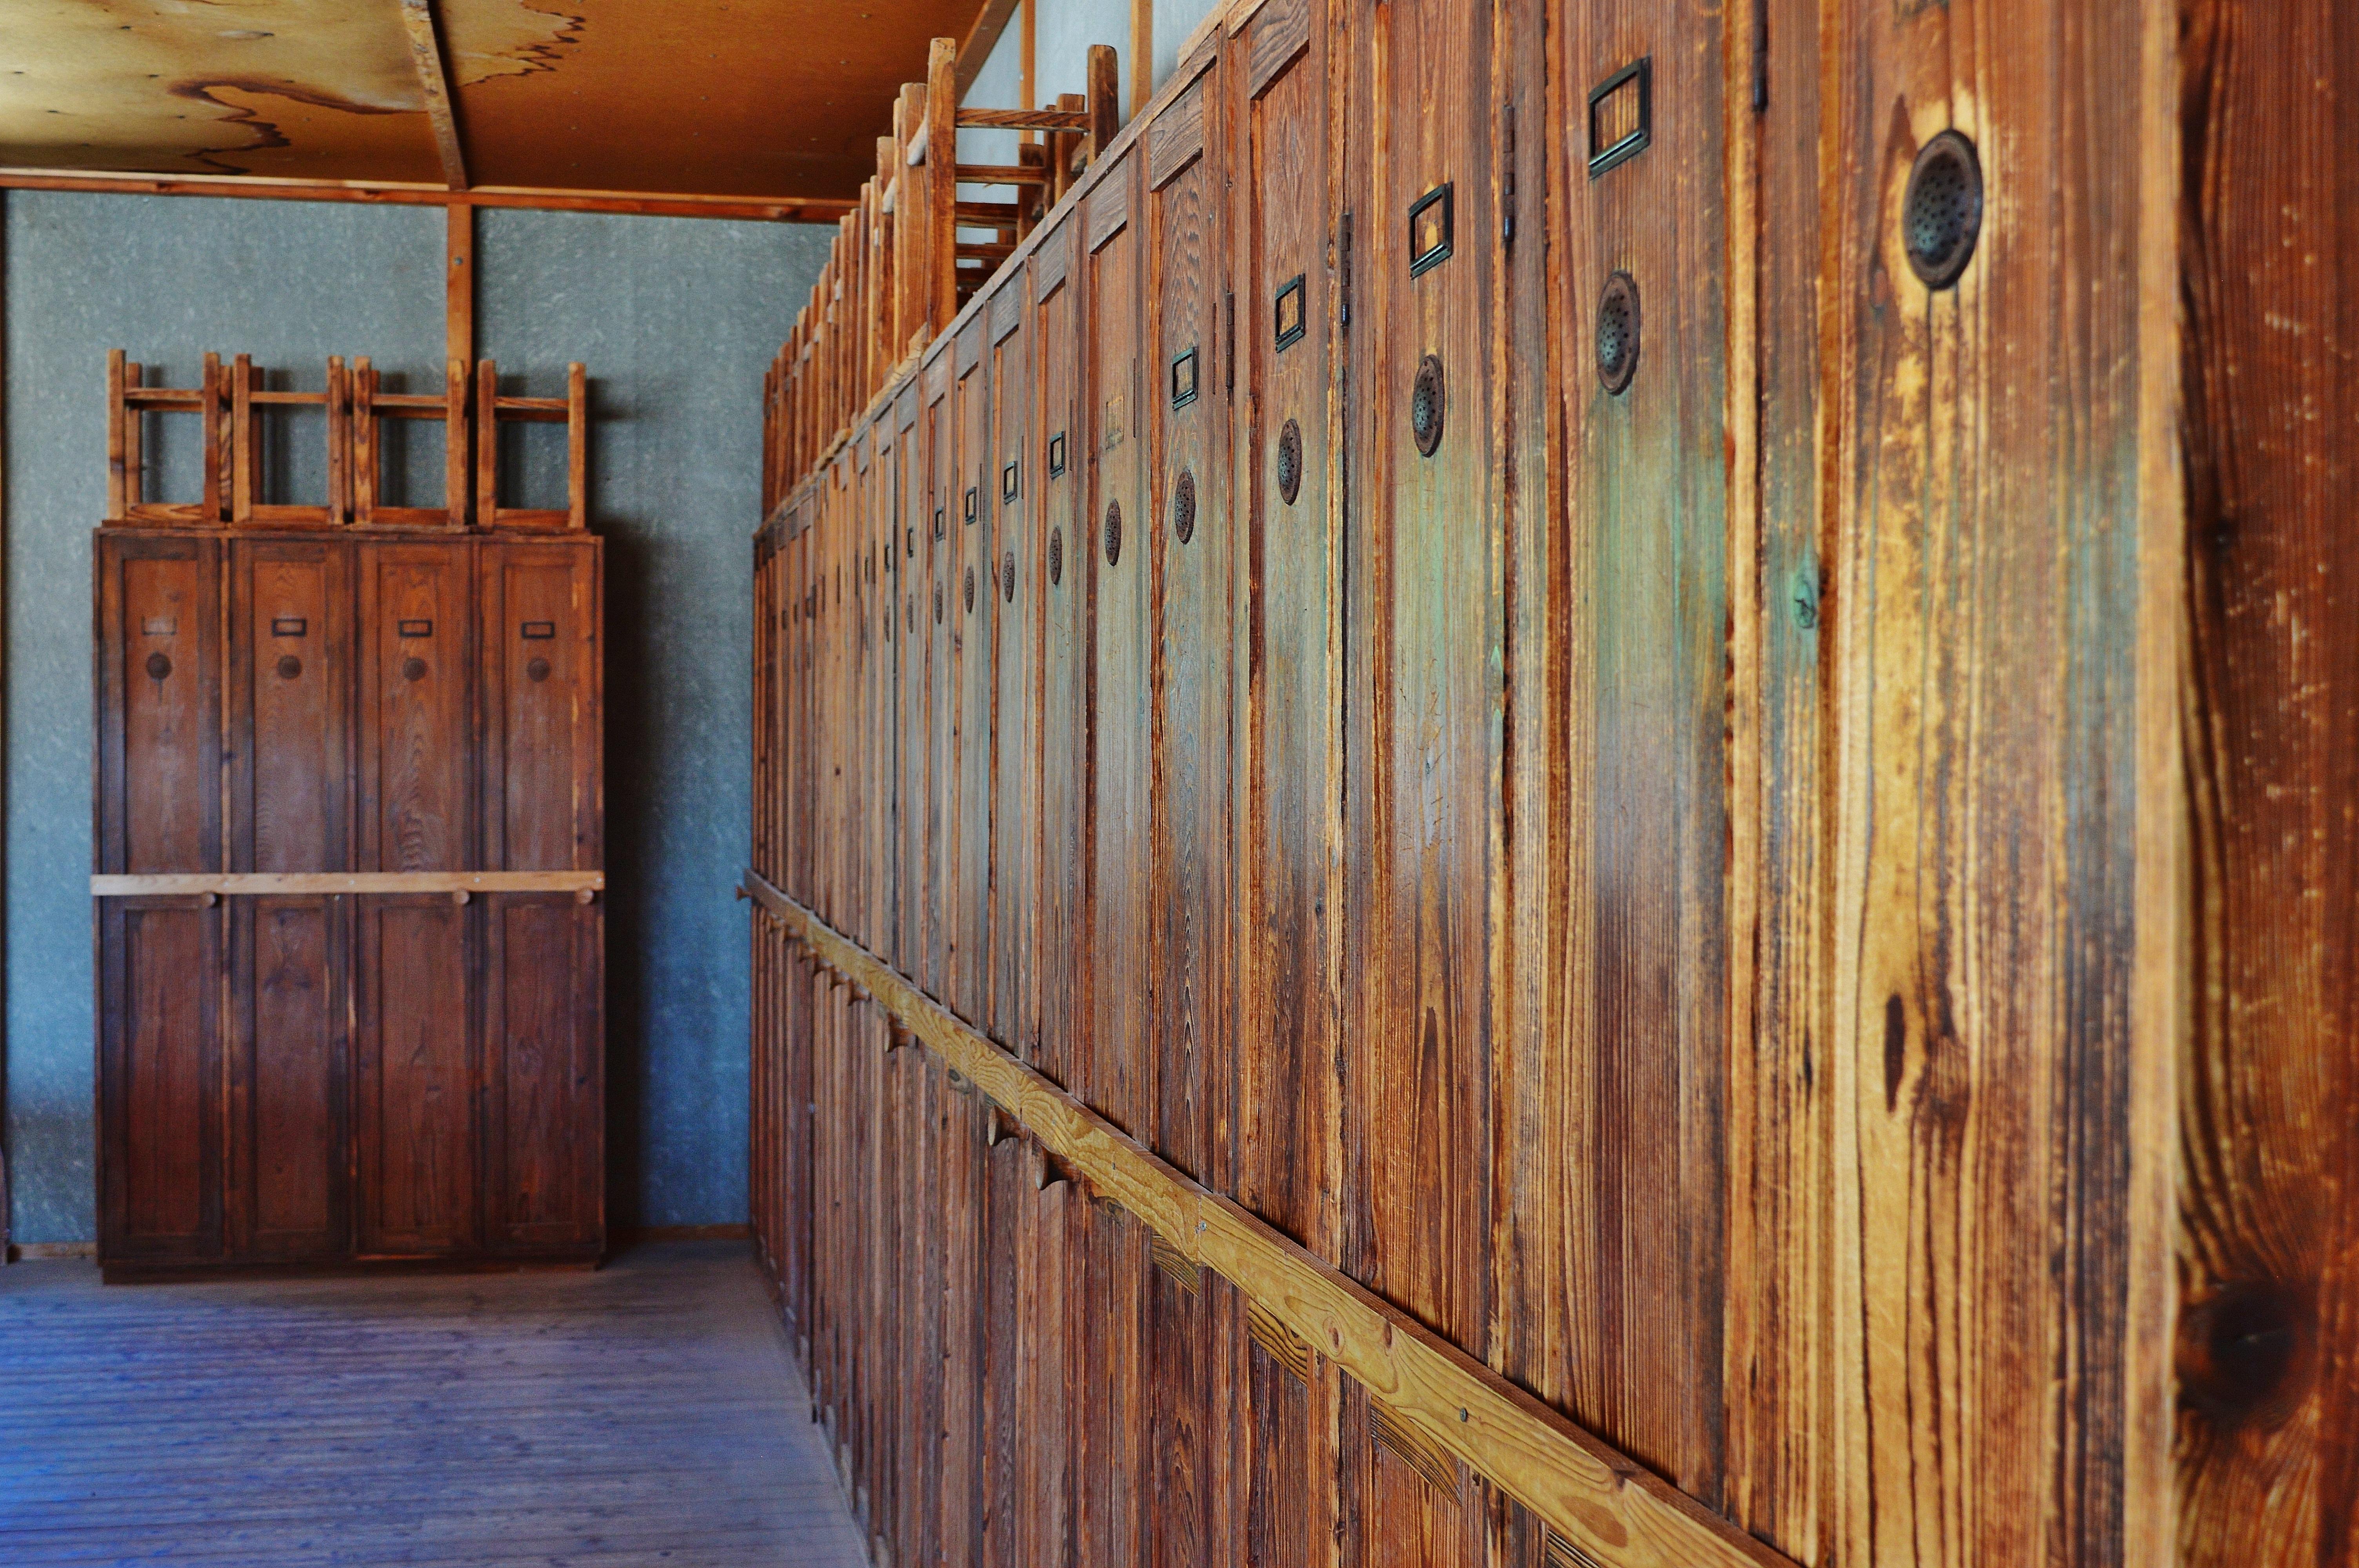 Images Gratuites : maison, sol, Grange, mur, meubles, chambre, décès ...